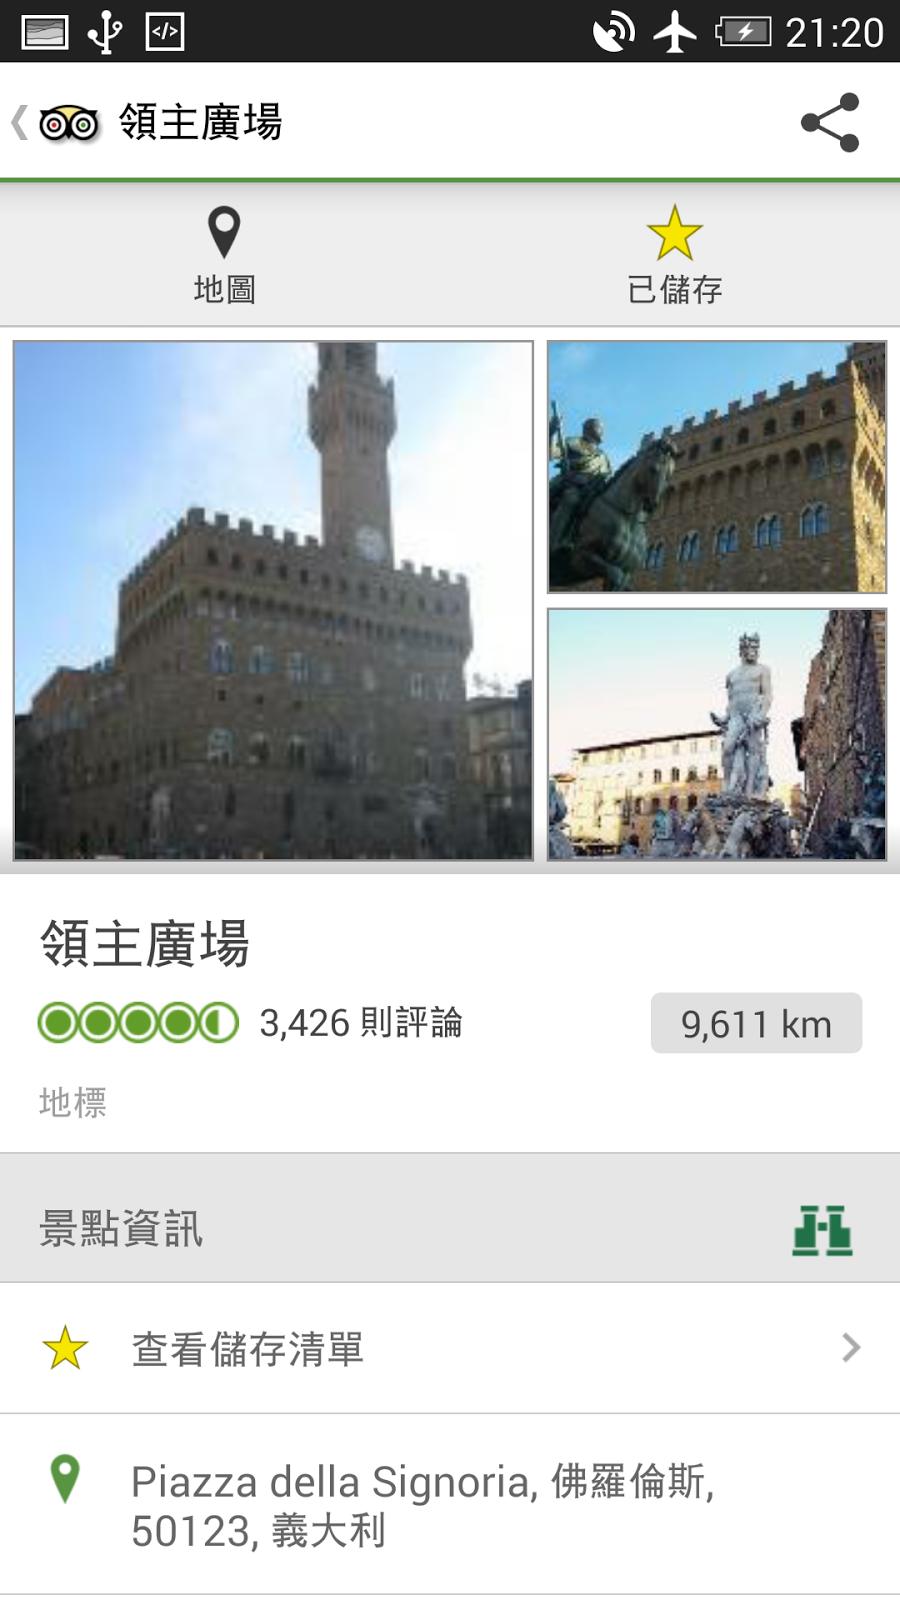 免費下載全球最大旅遊網 TripAdvisor 300個城市離線地圖 TripAdvisor+-06